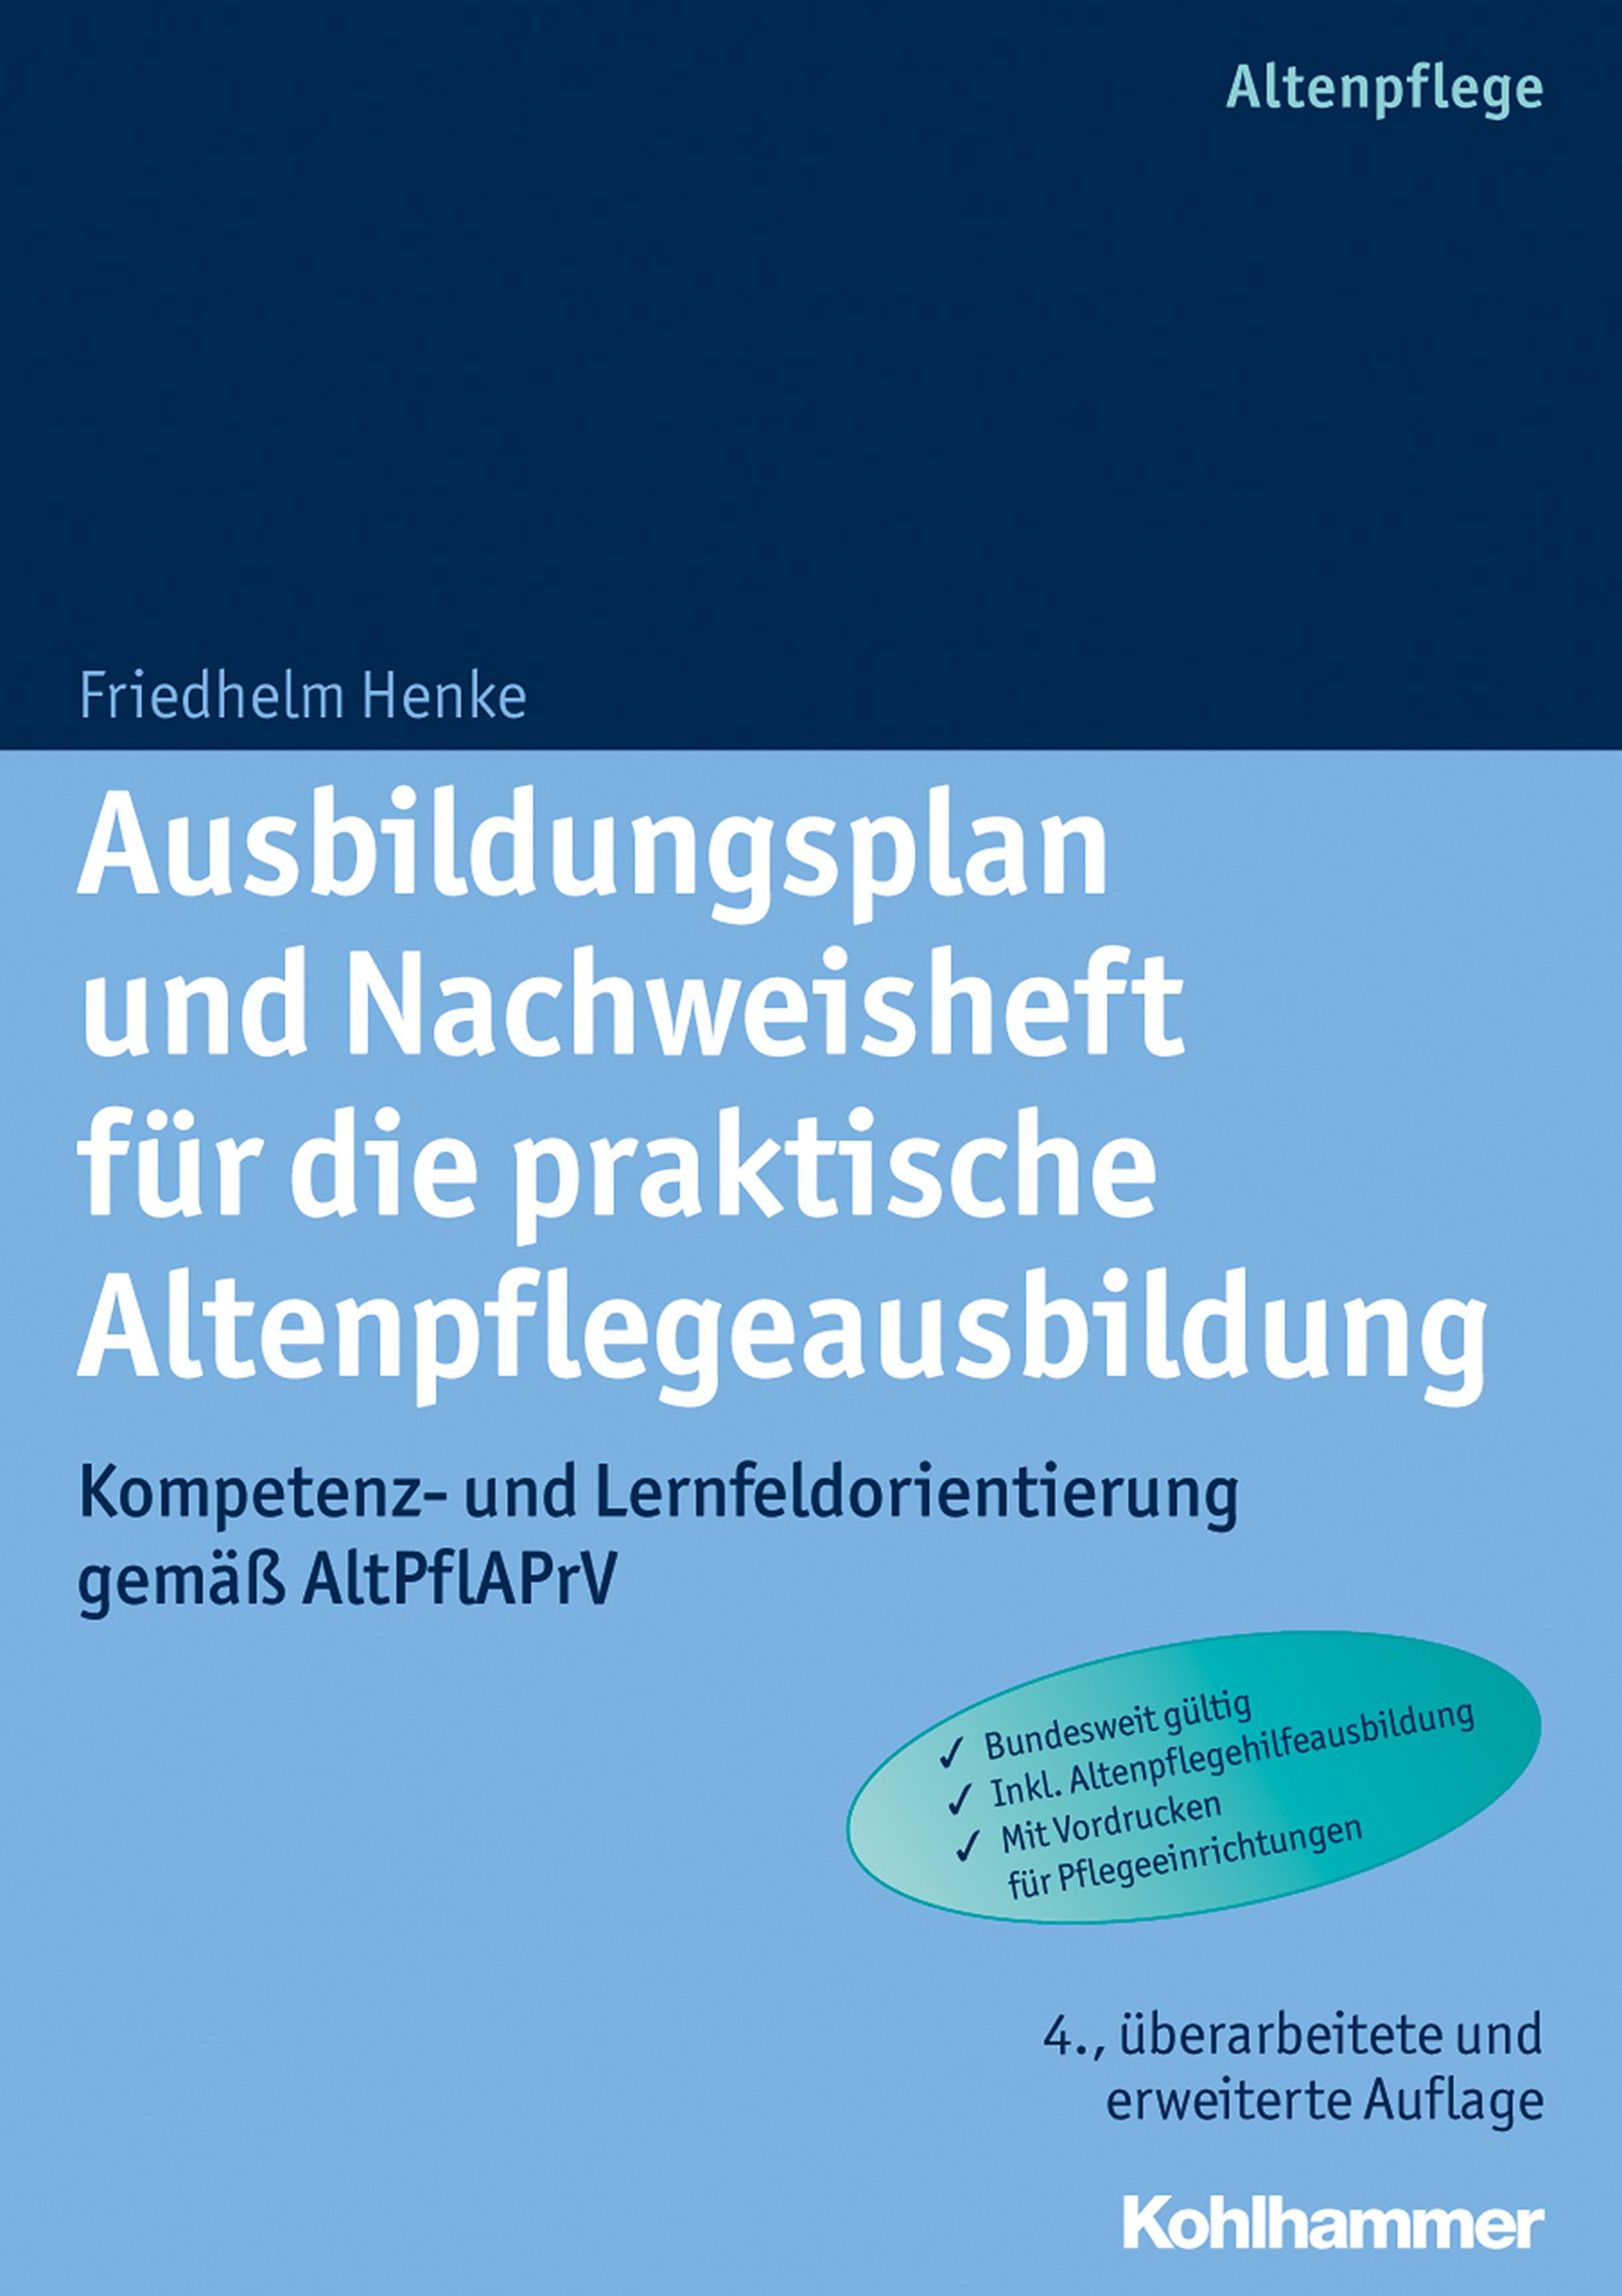 eBook Ausbildungsplan und Nachweisheft für die praktische  Altenpflegeausbildung